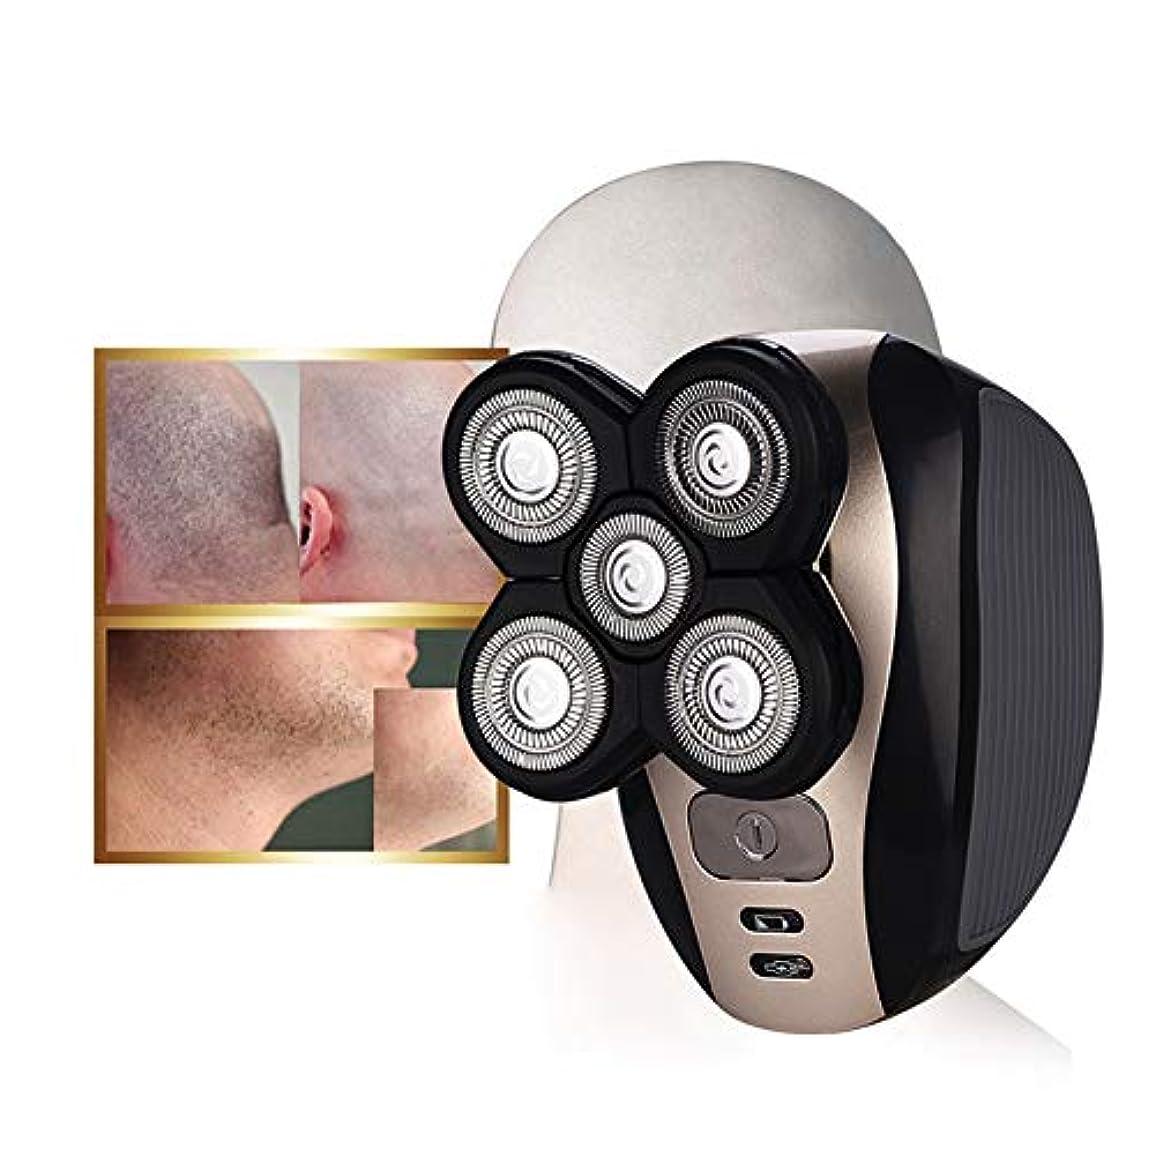 フェード入札好きである男性用電動シェーバー充電式ロータリーシェーバーノーズヘアトリム洗顔